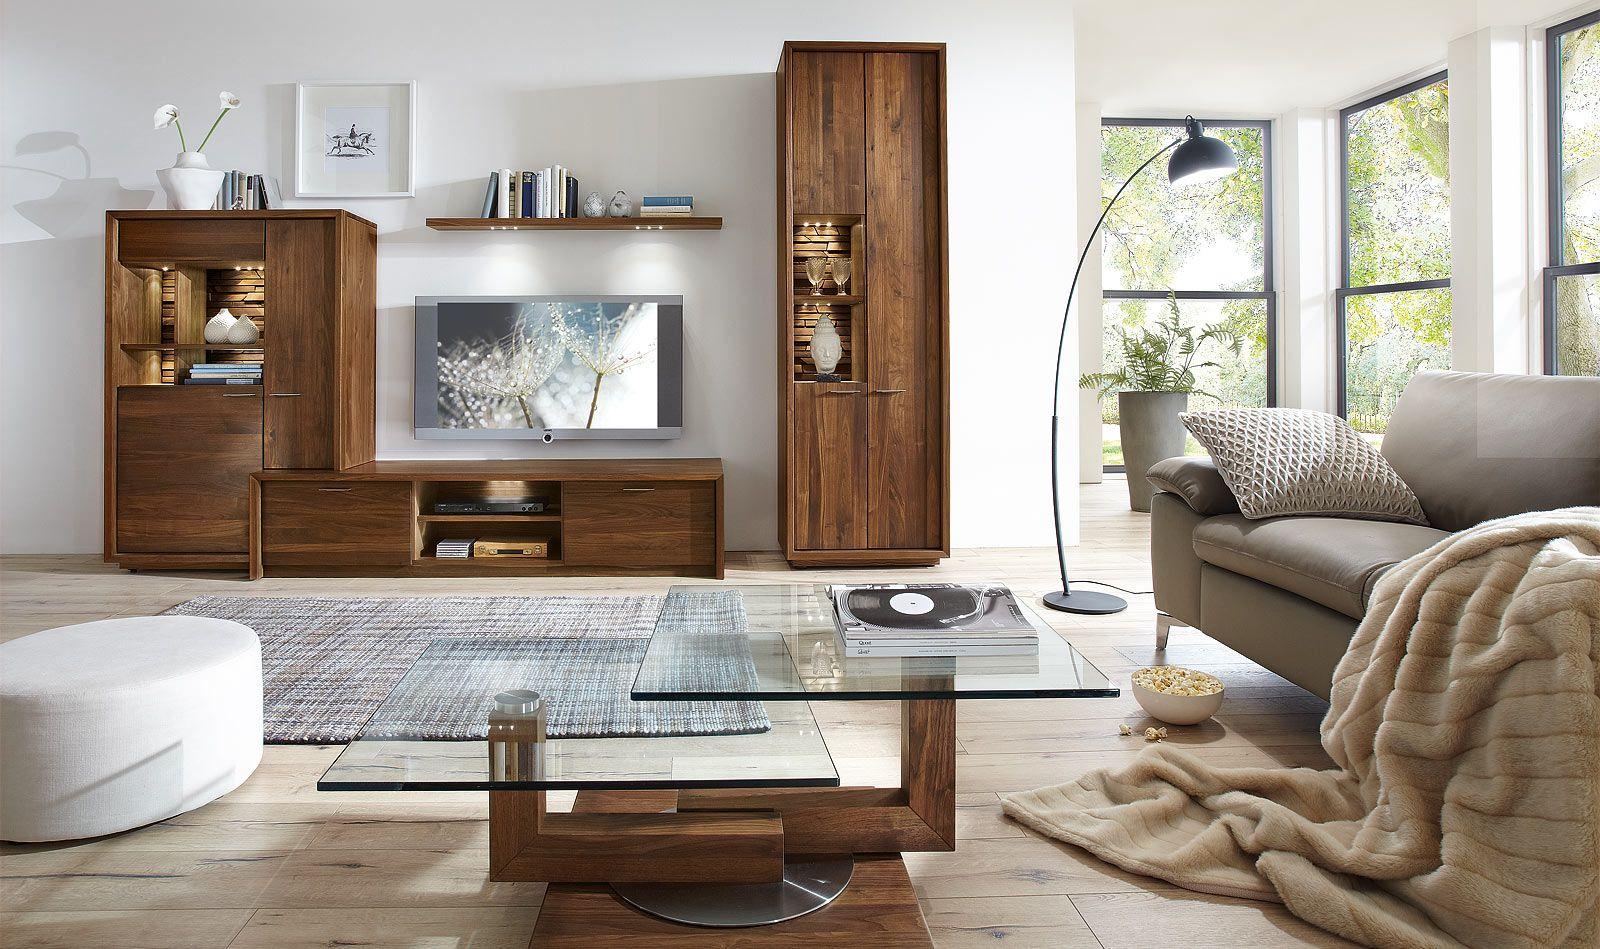 Wohnzimmermöbel Nussbaum  Venjakob möbel, Kleines wohnzimmer